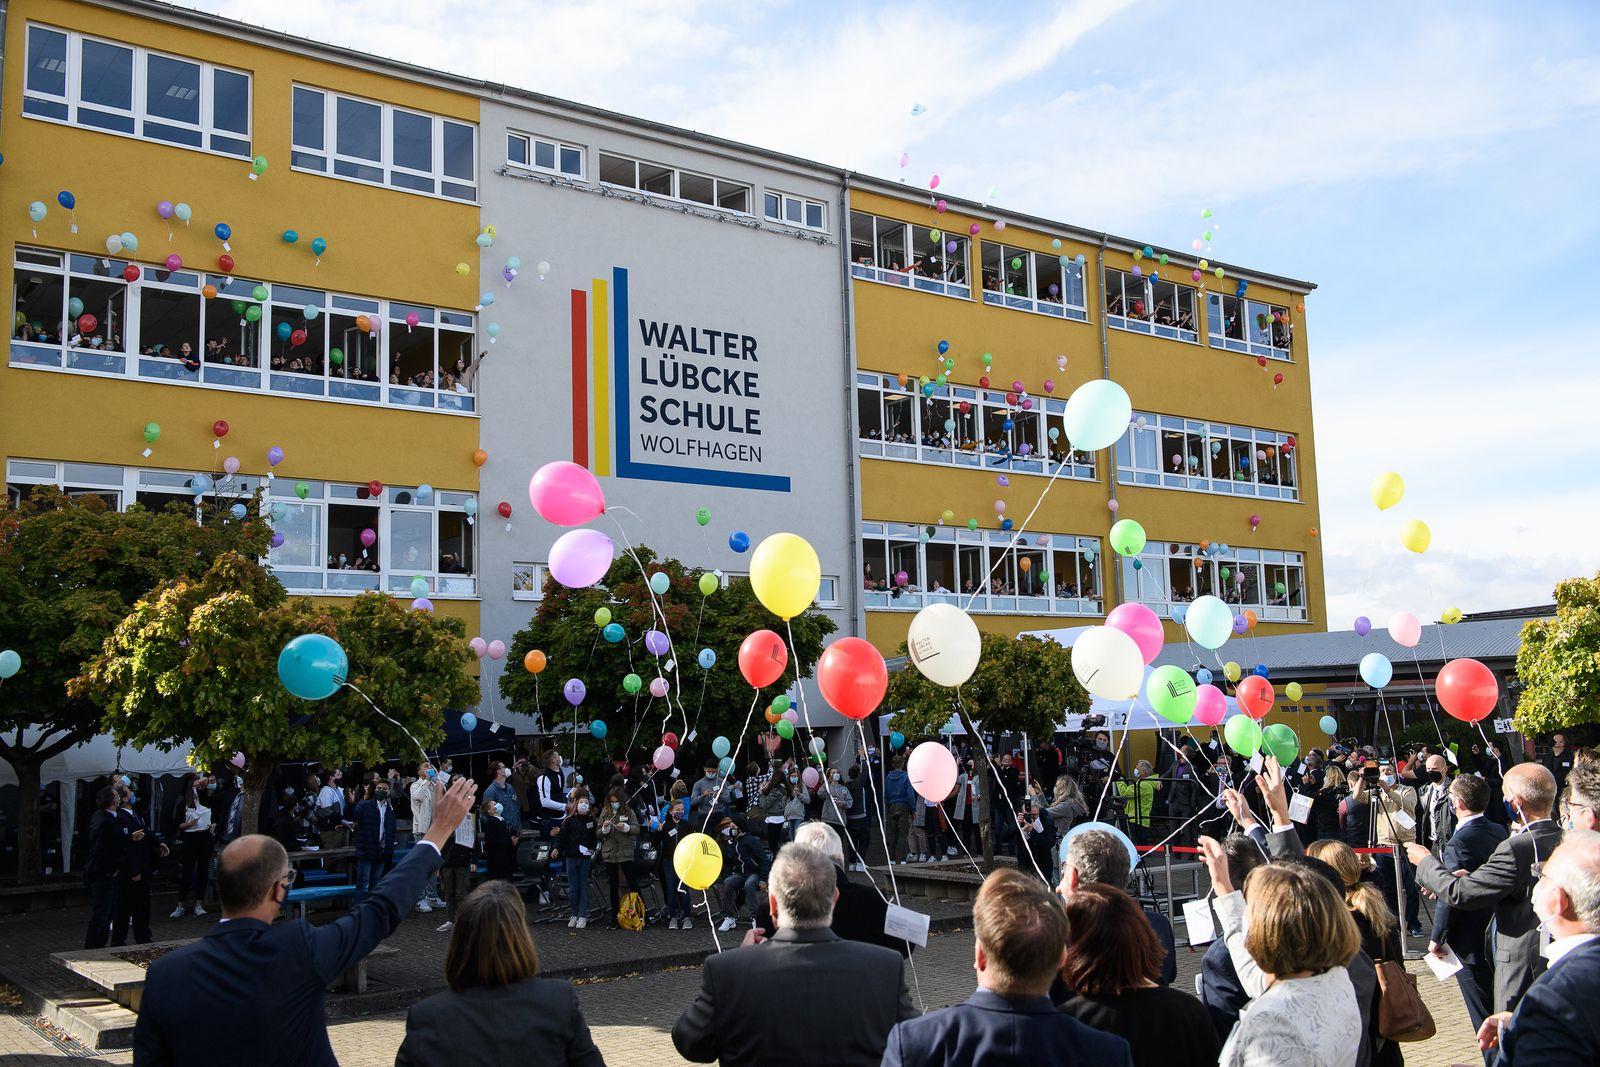 Walter-Lübcke-Schule in Wolfhagen